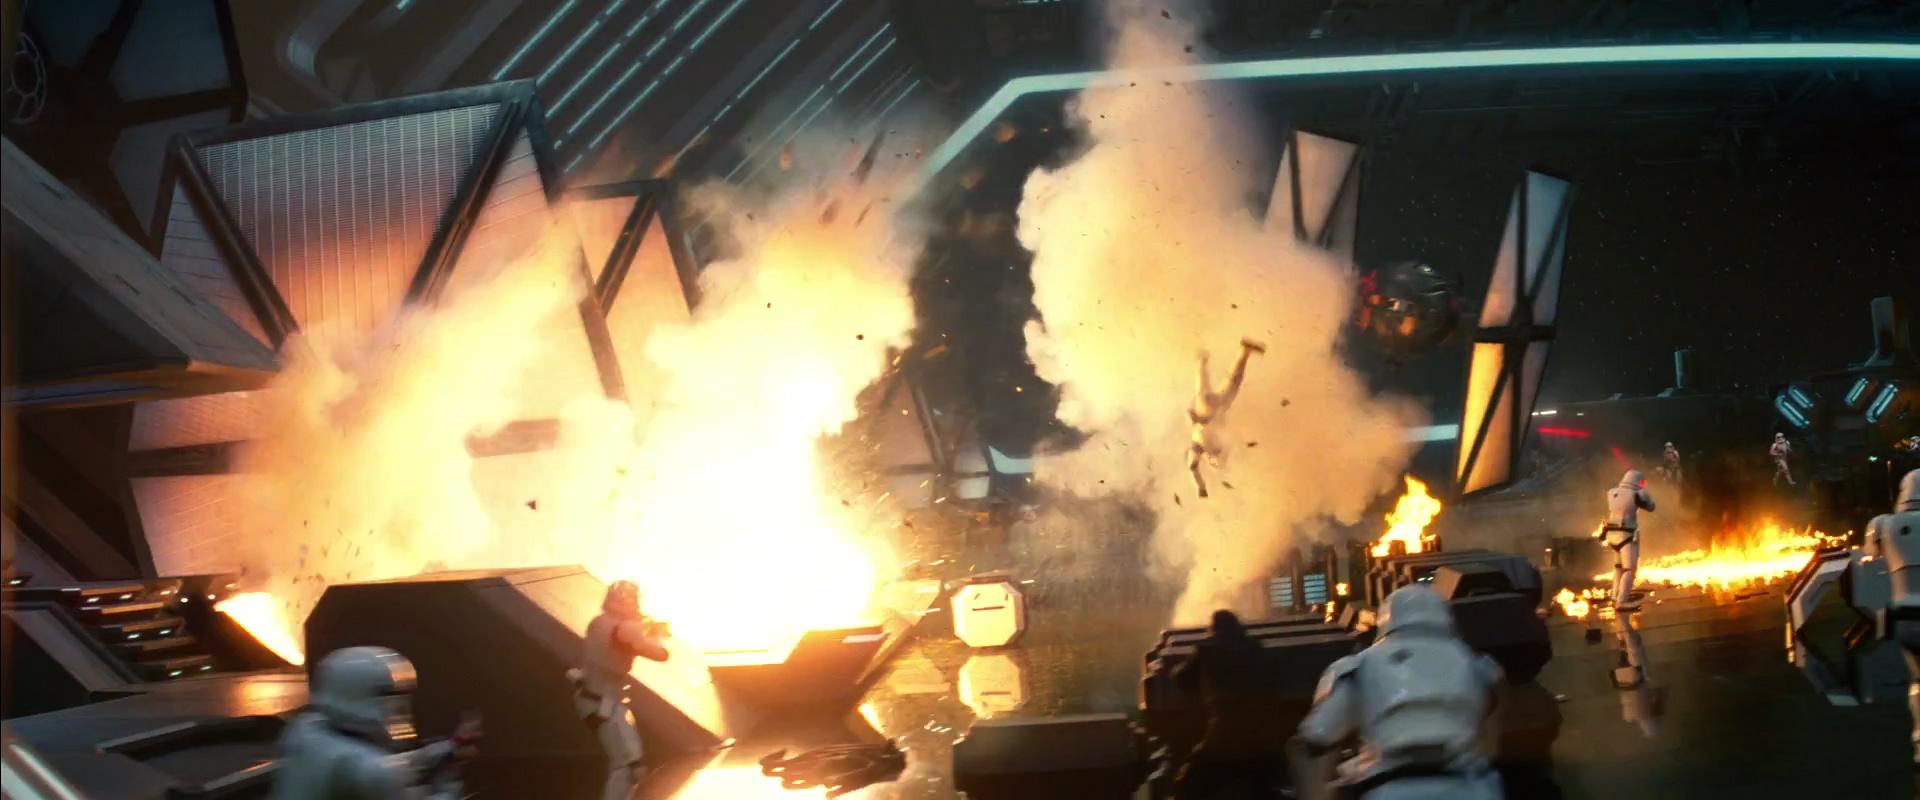 Star Wars  The Force Awakens Official Teaser #2 1824.jpg